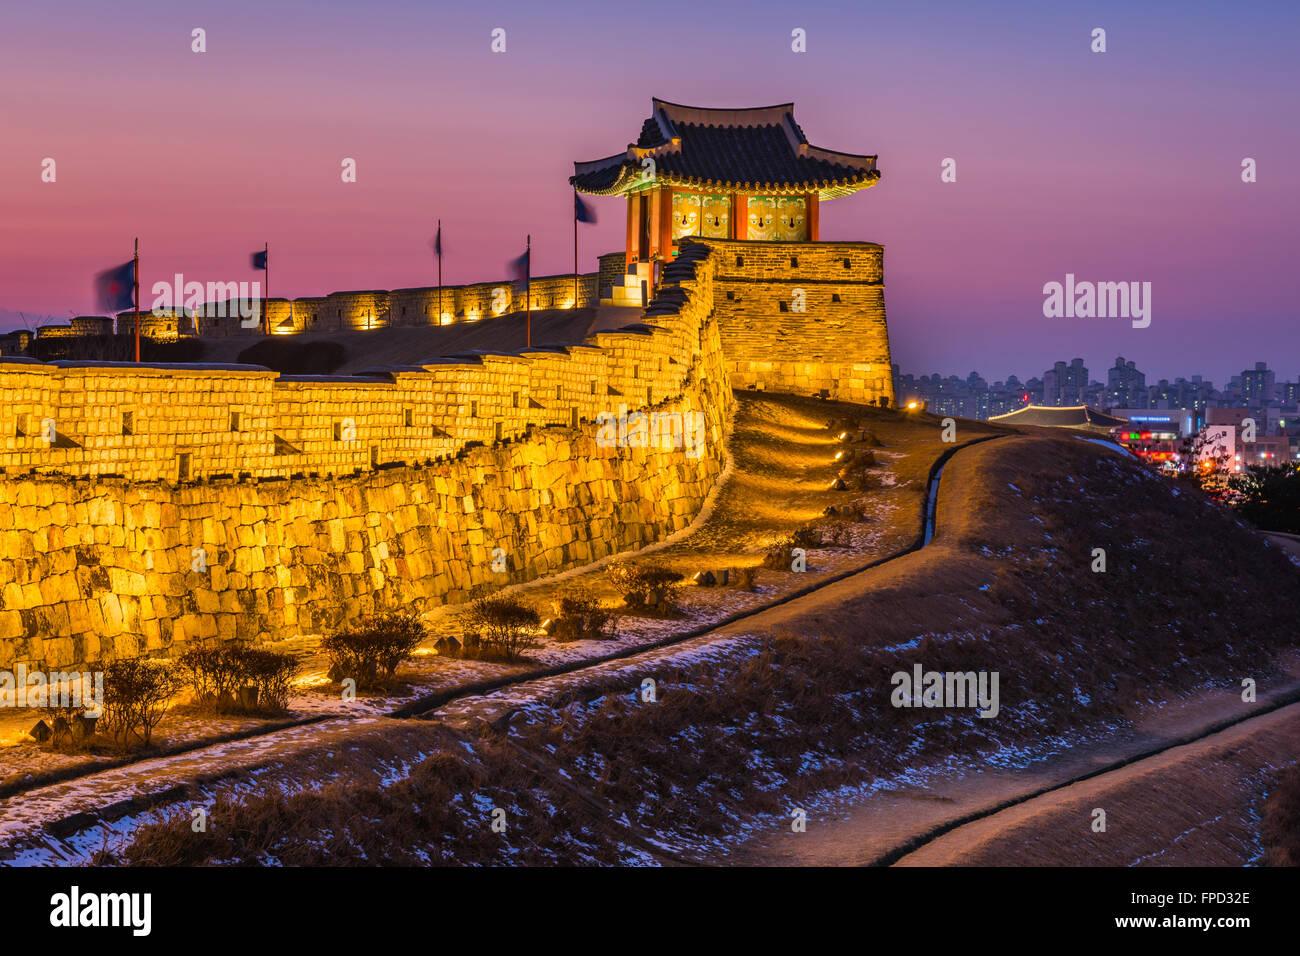 Corea,Tramonto a Fortezza di Hwsaeong in Suwon, Corea del Sud. Immagini Stock